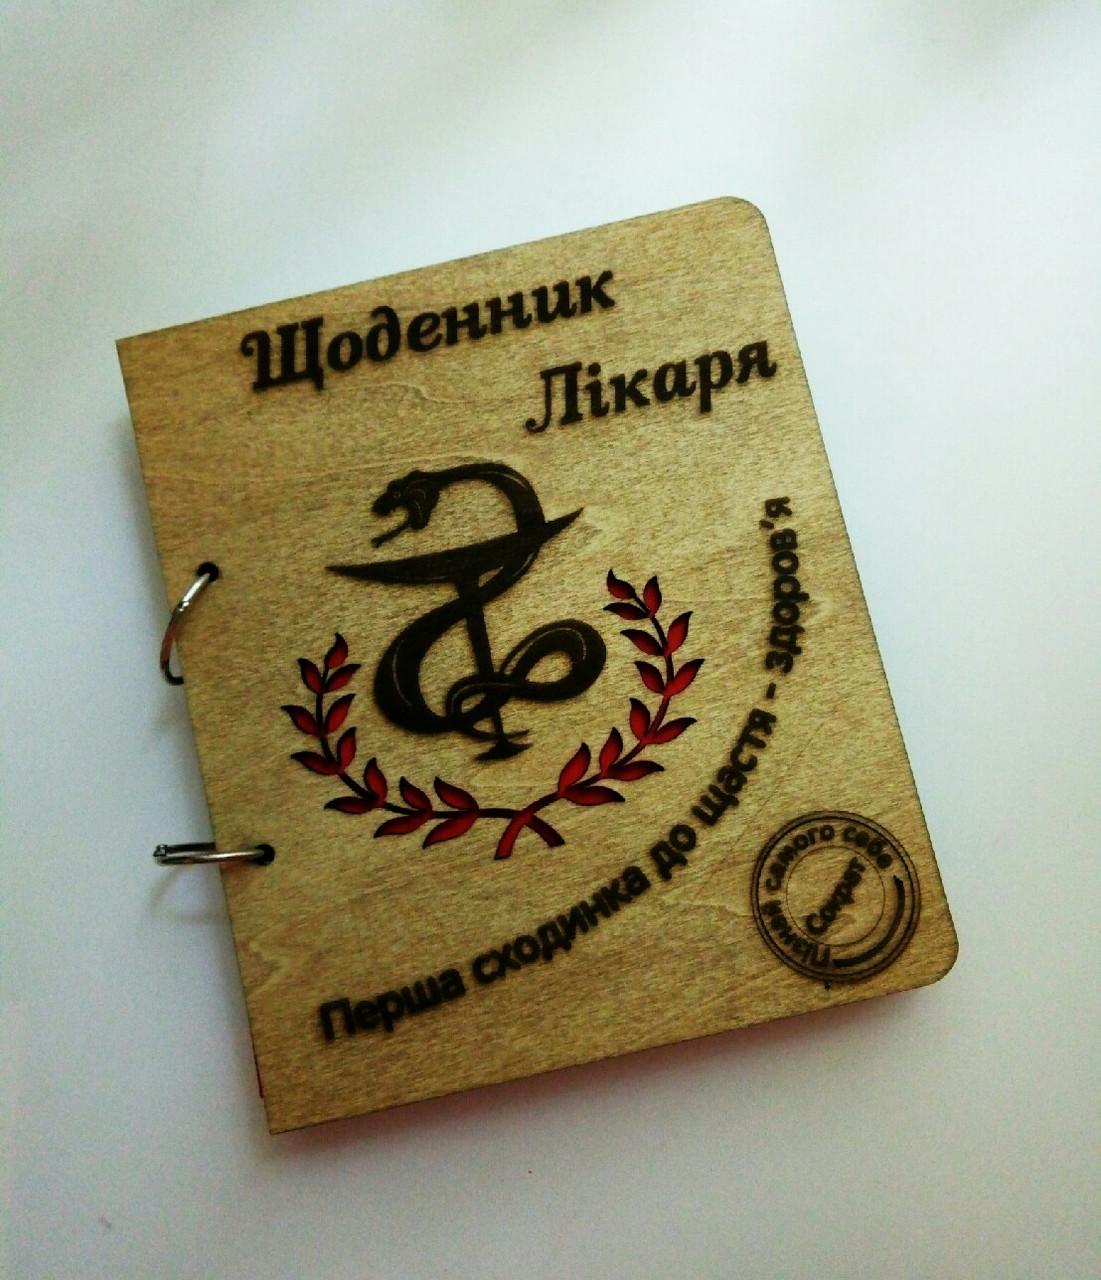 """Деревянный блокнот """"Щоденник лікаря Блокнот врача"""" (на кольцах с ручкой), ежедневник из дерева, подарок врачу"""